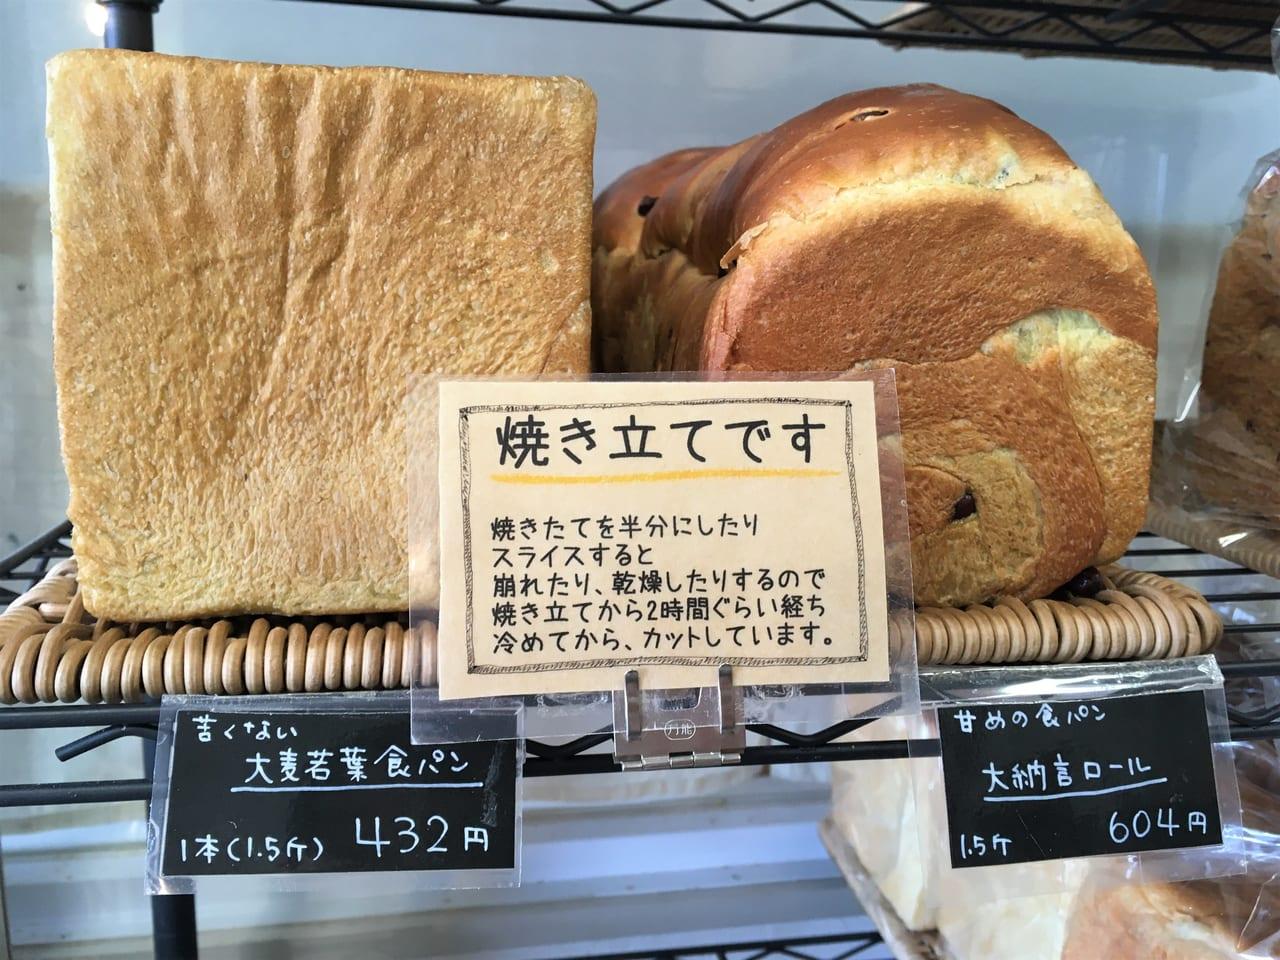 パン工房 MURAKAMI 食パン